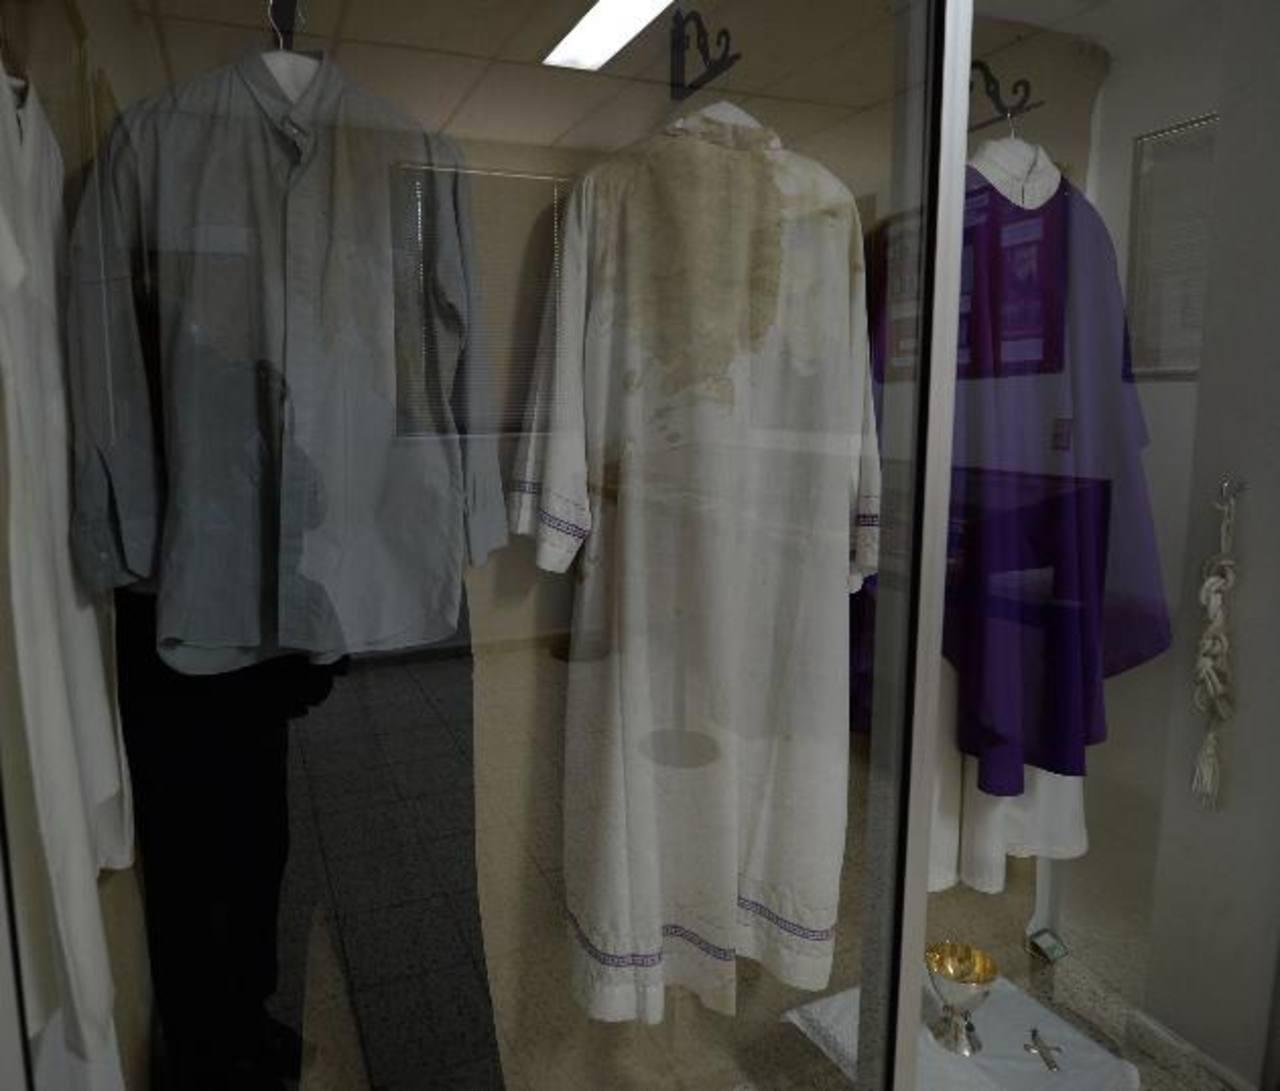 La camisa, el pantalón y la demás vestimenta que usó Romero el día de su martirio tienen restos de su sangre. Foto EDH